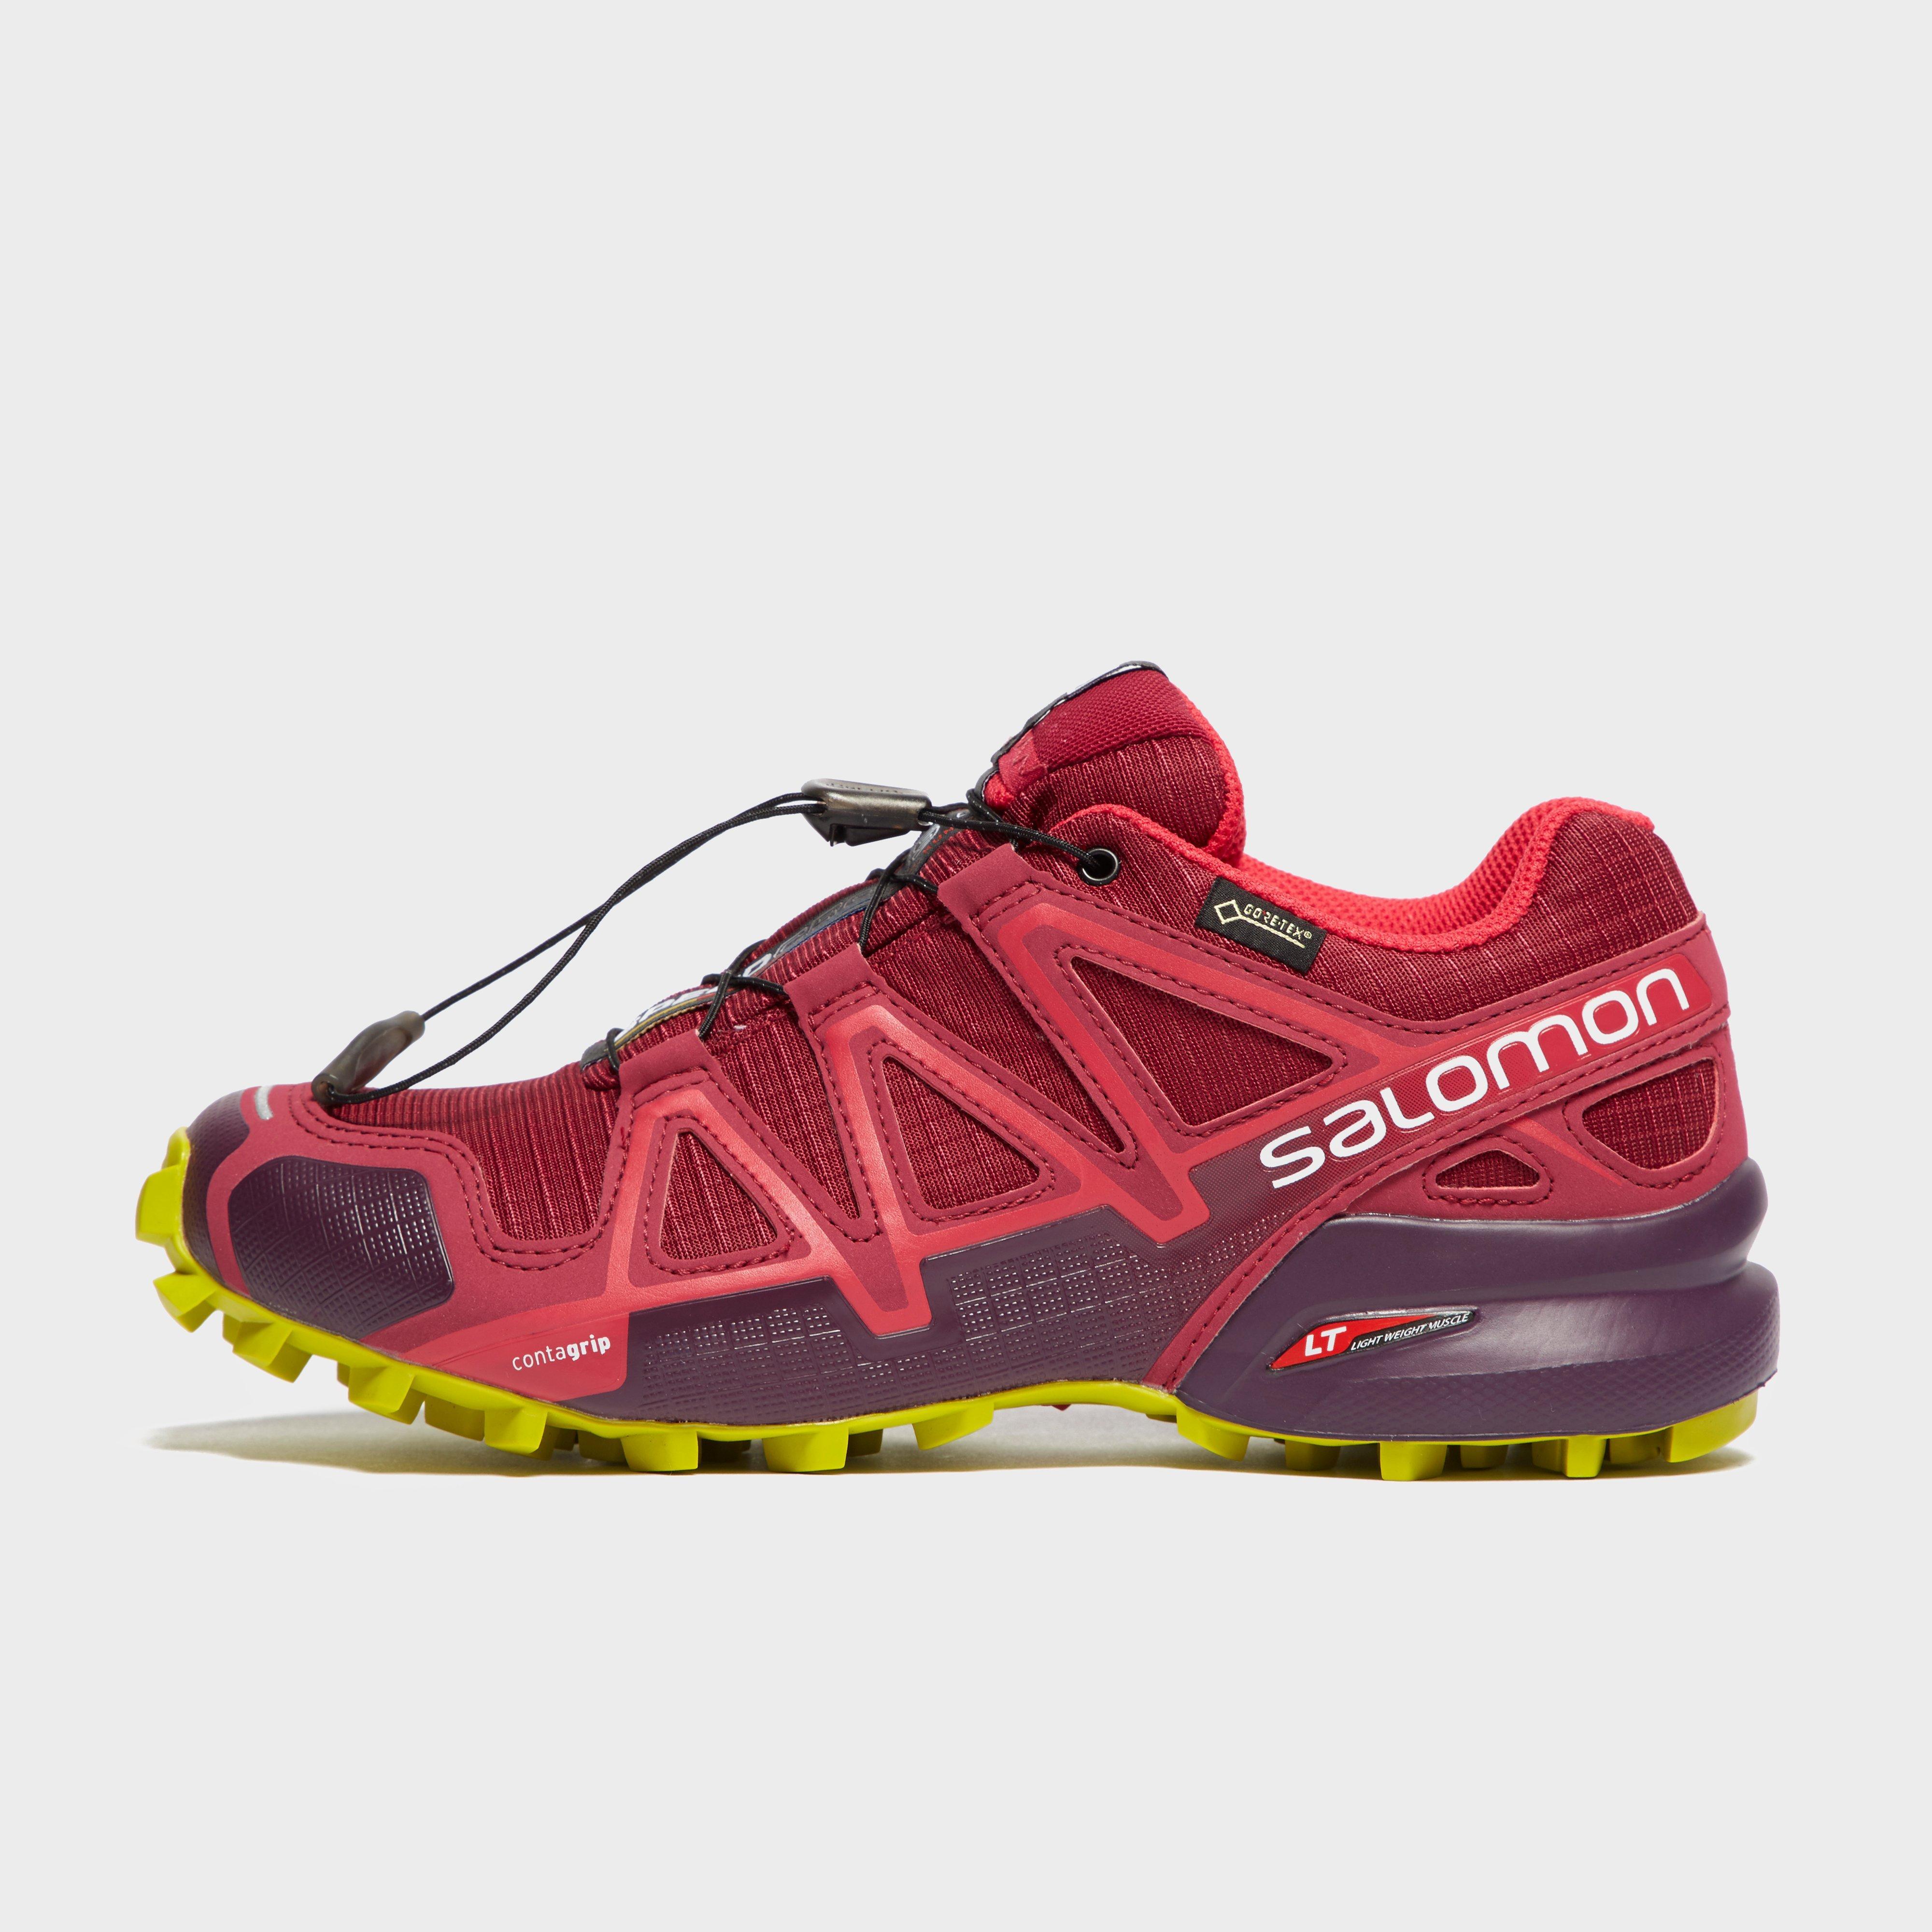 meilleur pas cher 64447 f2e64 Women's Speedcross 4 GORE-TEX® Trail Running Shoes